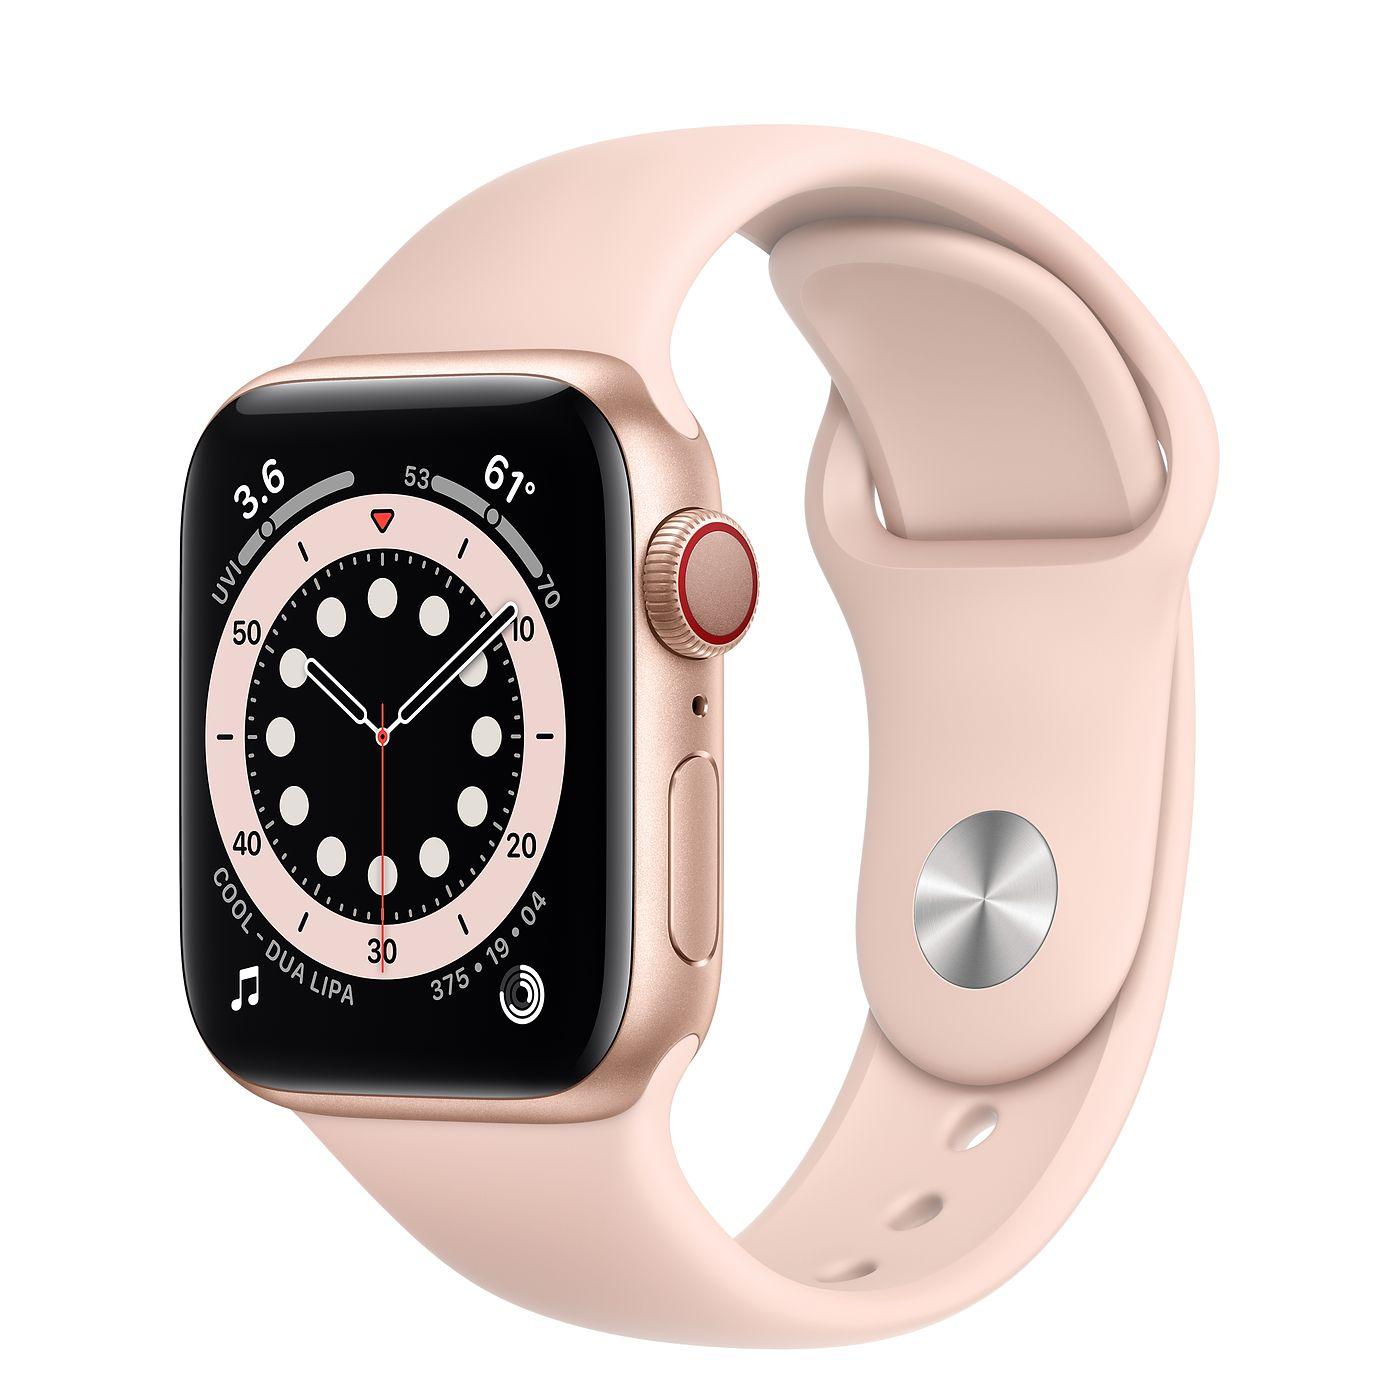 Apple 2020년 애플워치 6, GPS+Cellular, 골드 알루미늄 케이스, 핑크 샌드 스포츠 밴드